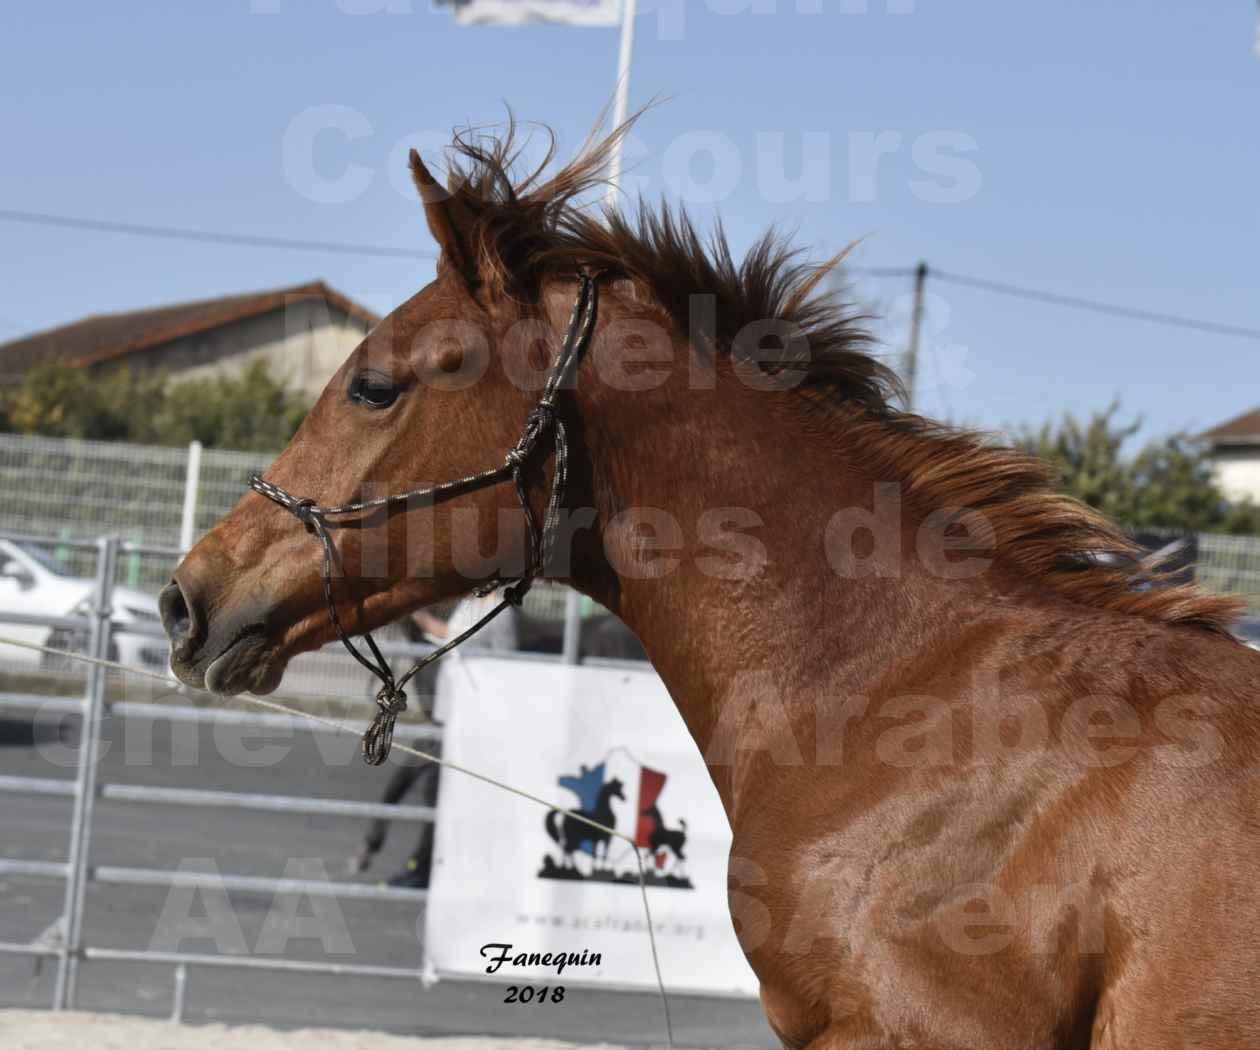 Concours d'élevage de Chevaux Arabes - D. S. A. - A. A. - ALBI les 6 & 7 Avril 2018 - GRIOU DU GRIOU - Notre Sélection - Portraits - 1